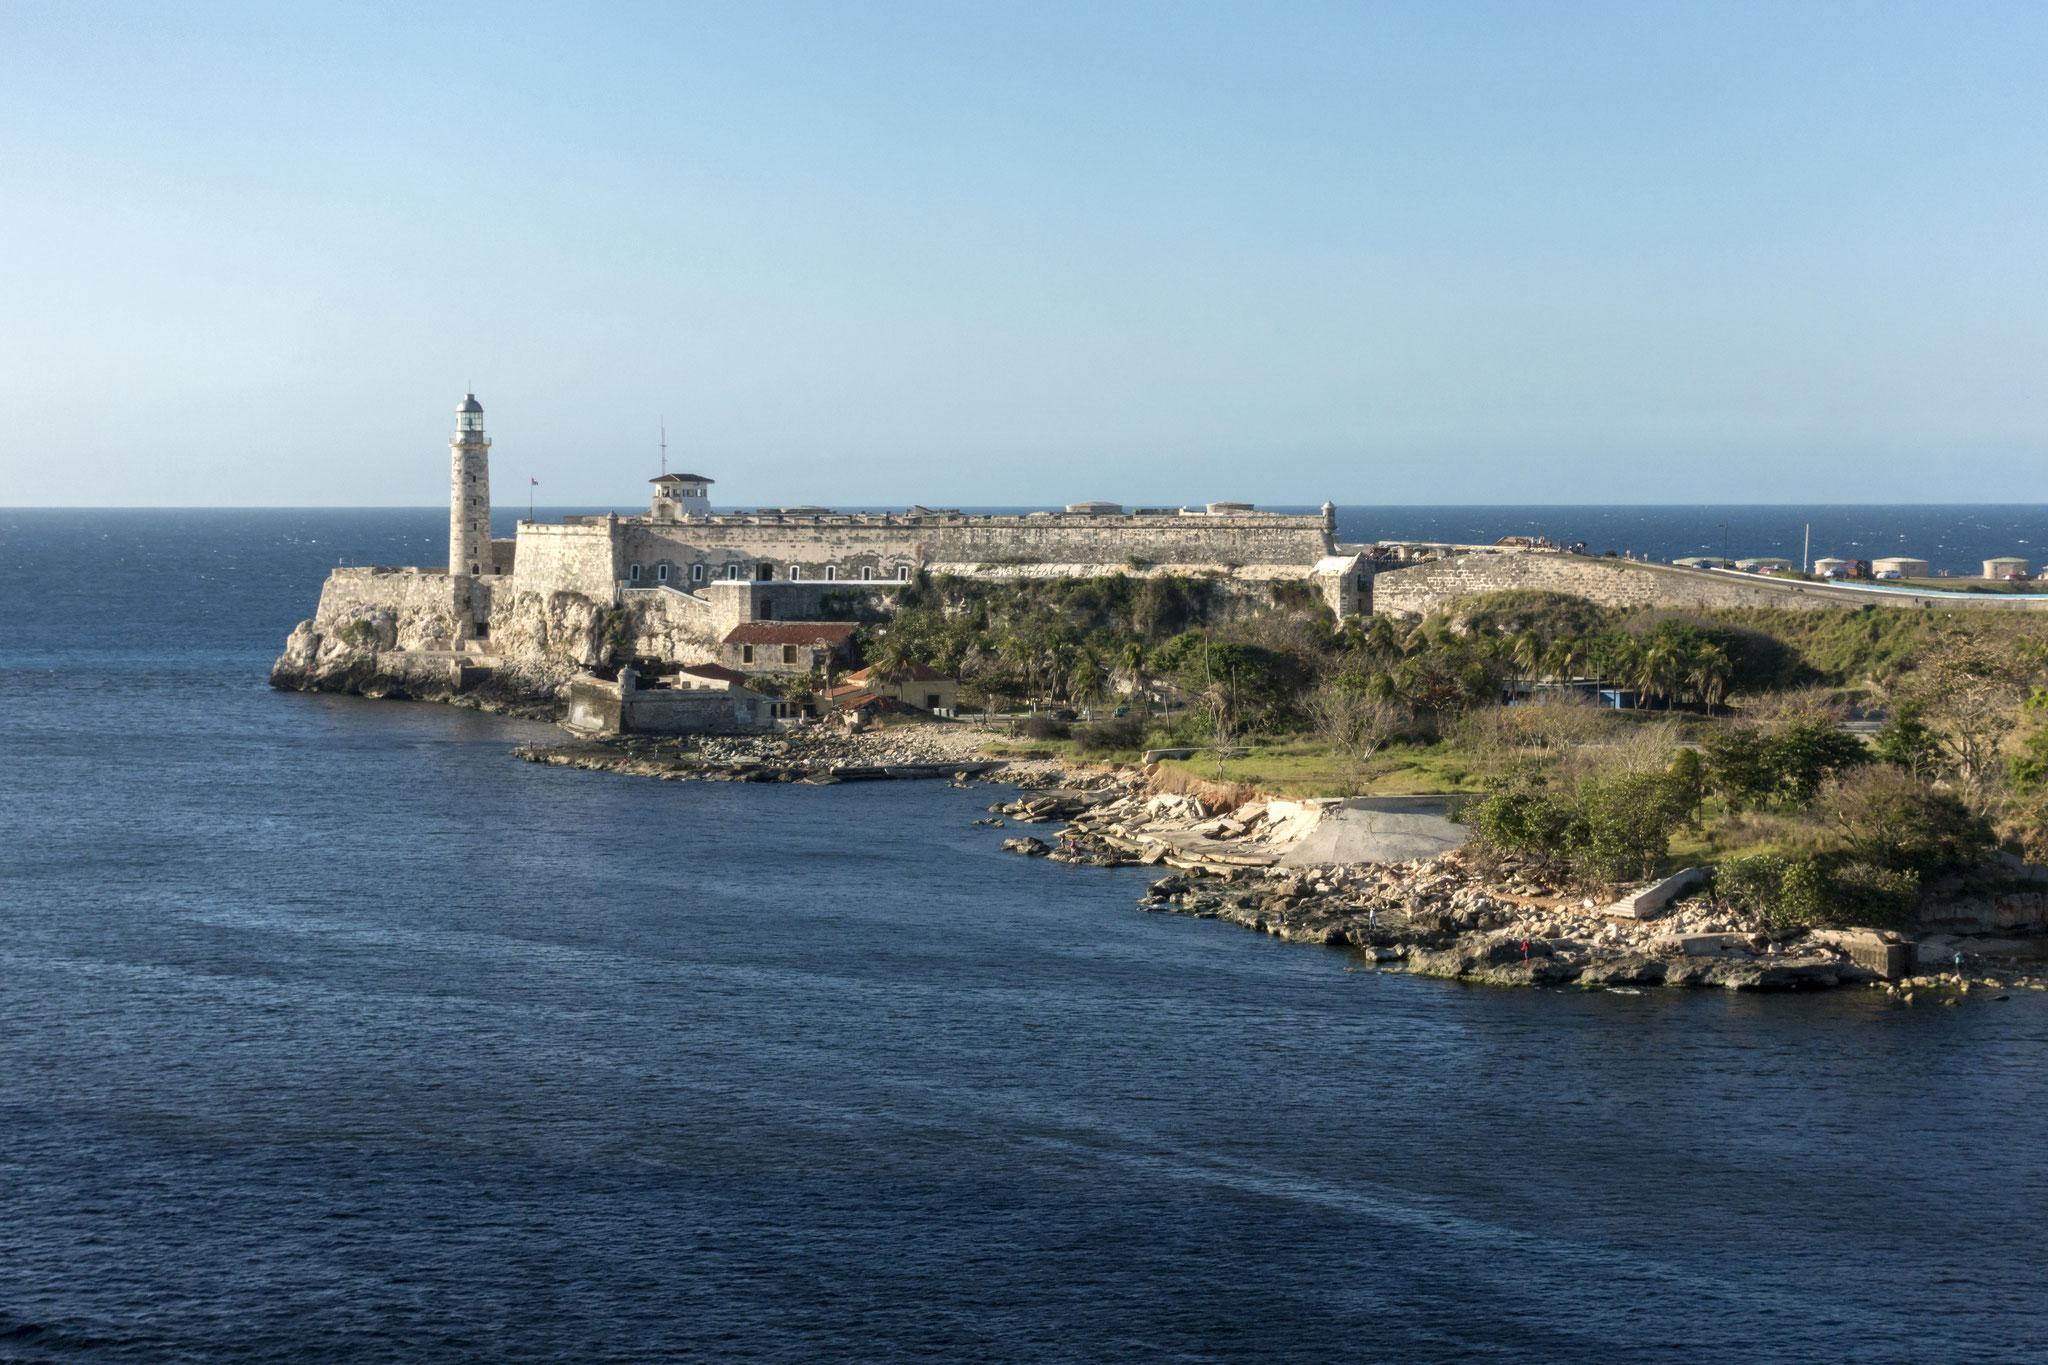 Castillo de los Tres Reyes del Morro, Hafeneinfahrt